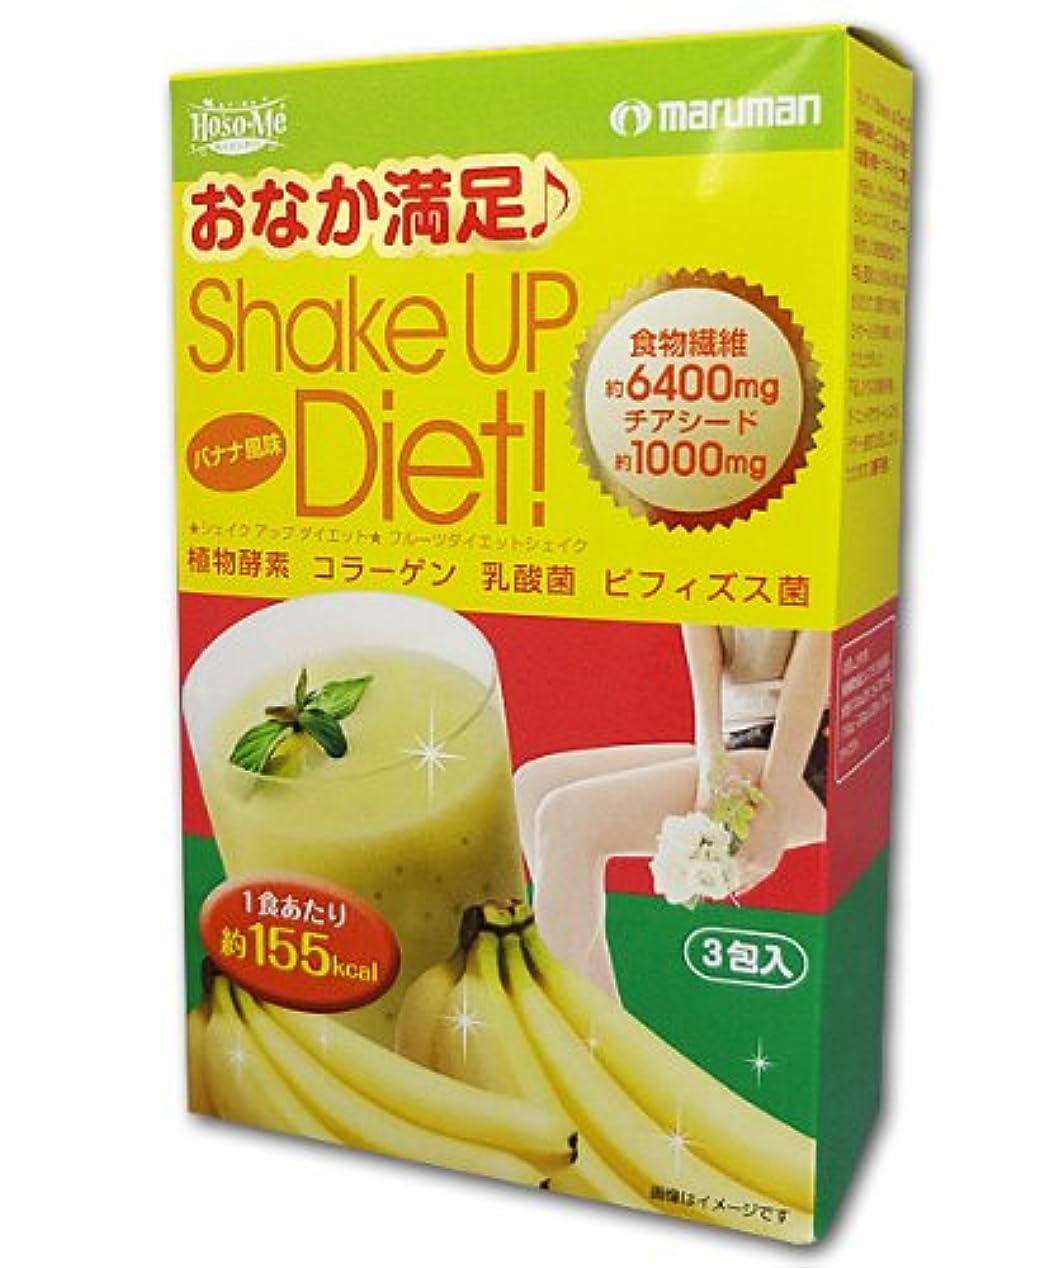 つばパール九時四十五分マルマン シェイクアップダイエット バナナ風味 3包入